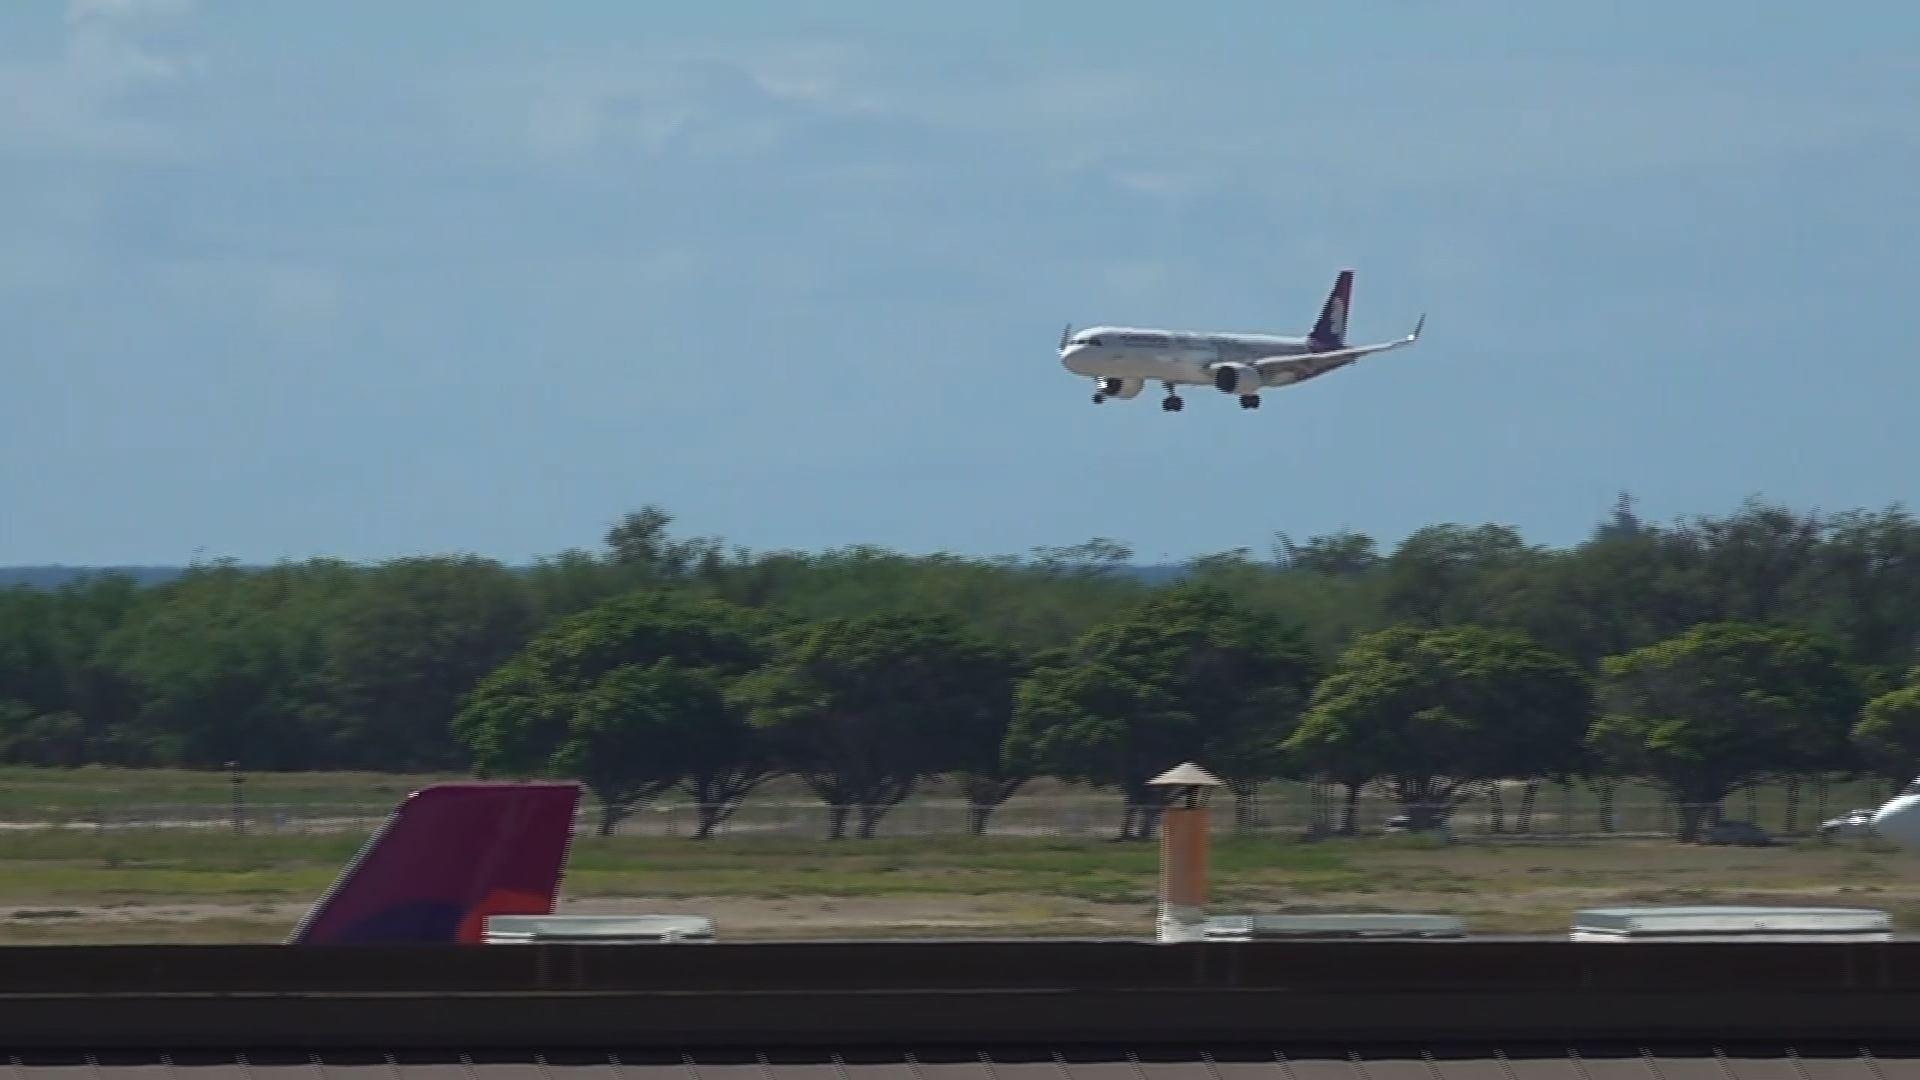 Boston to Honolulu flight, longest in US, starts Dec. 1